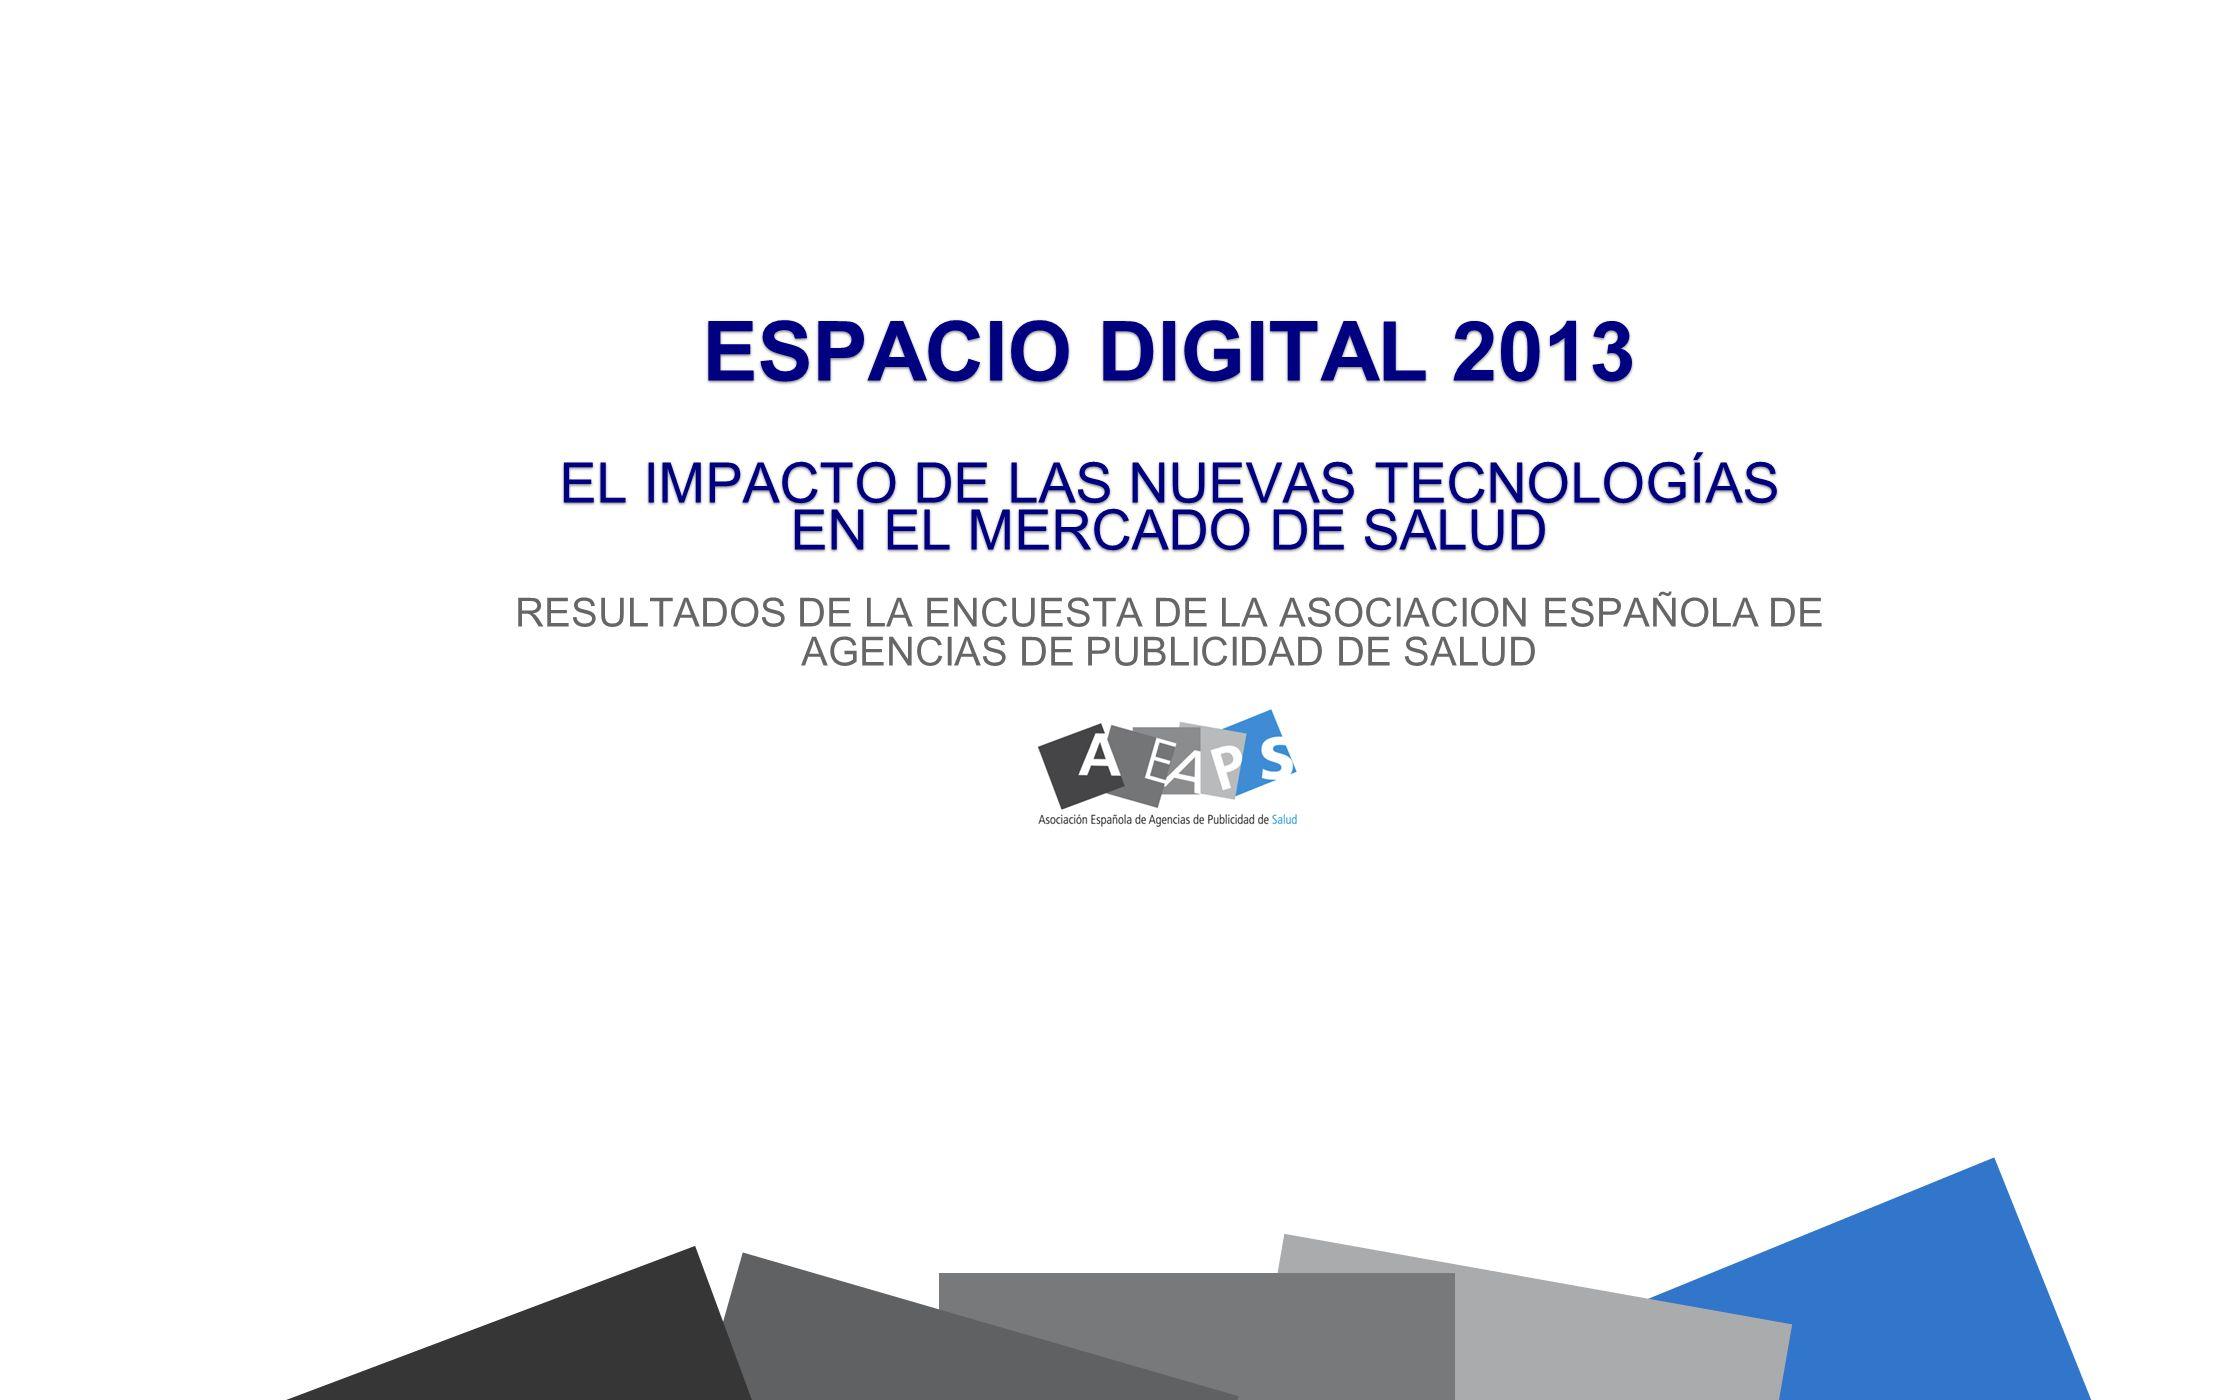 ESPACIO DIGITAL 2013 EL IMPACTO DE LAS NUEVAS TECNOLOGÍAS EN EL MERCADO DE SALUD